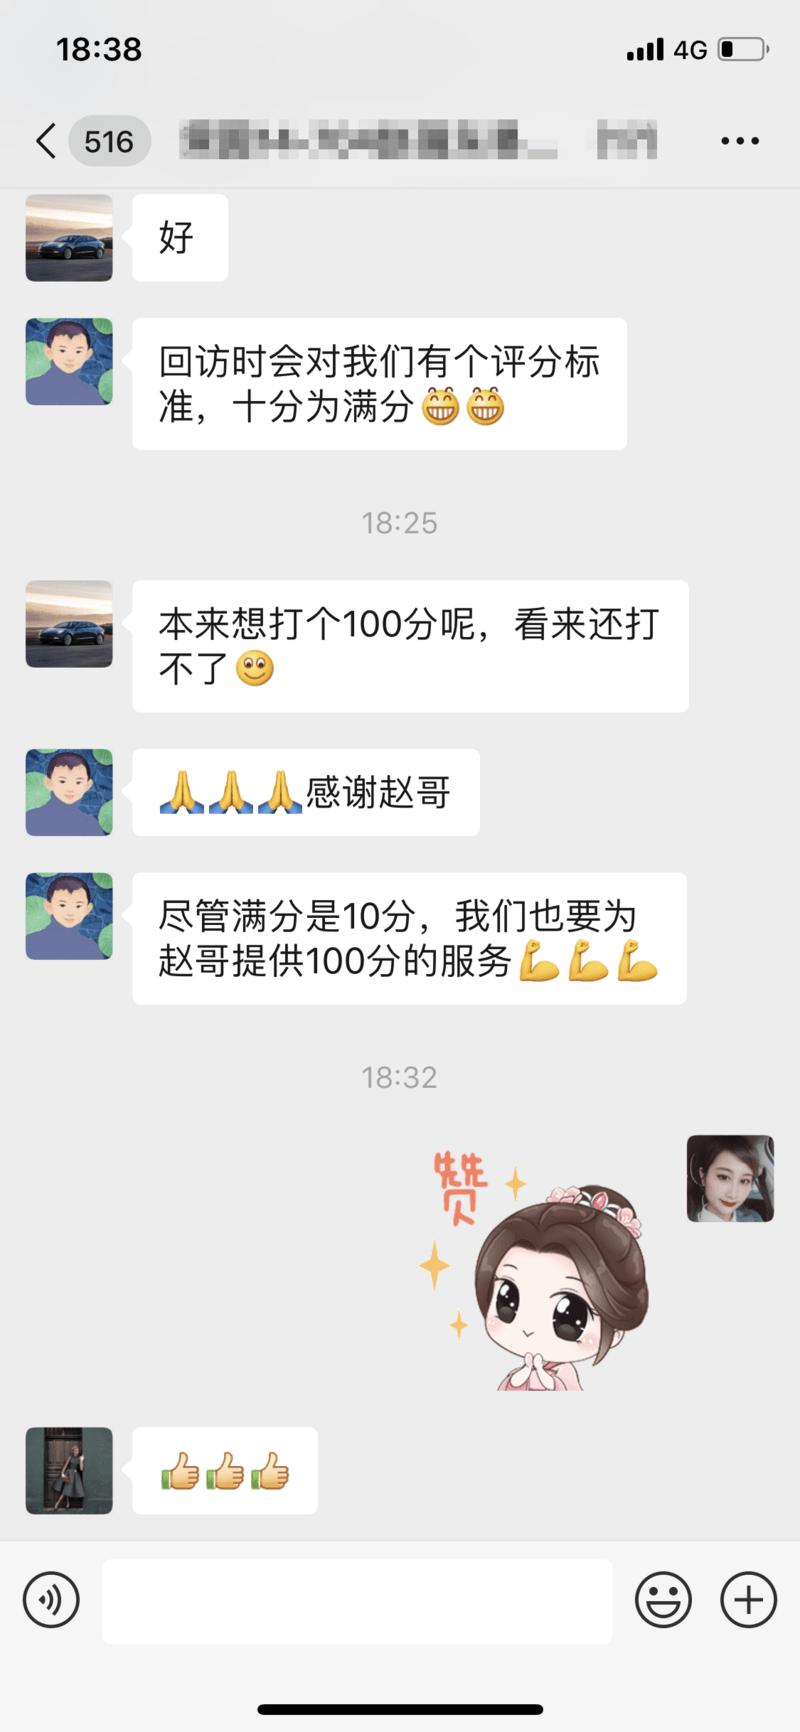 客户评价丨感谢荣园赵总对东易日盛的满分评价